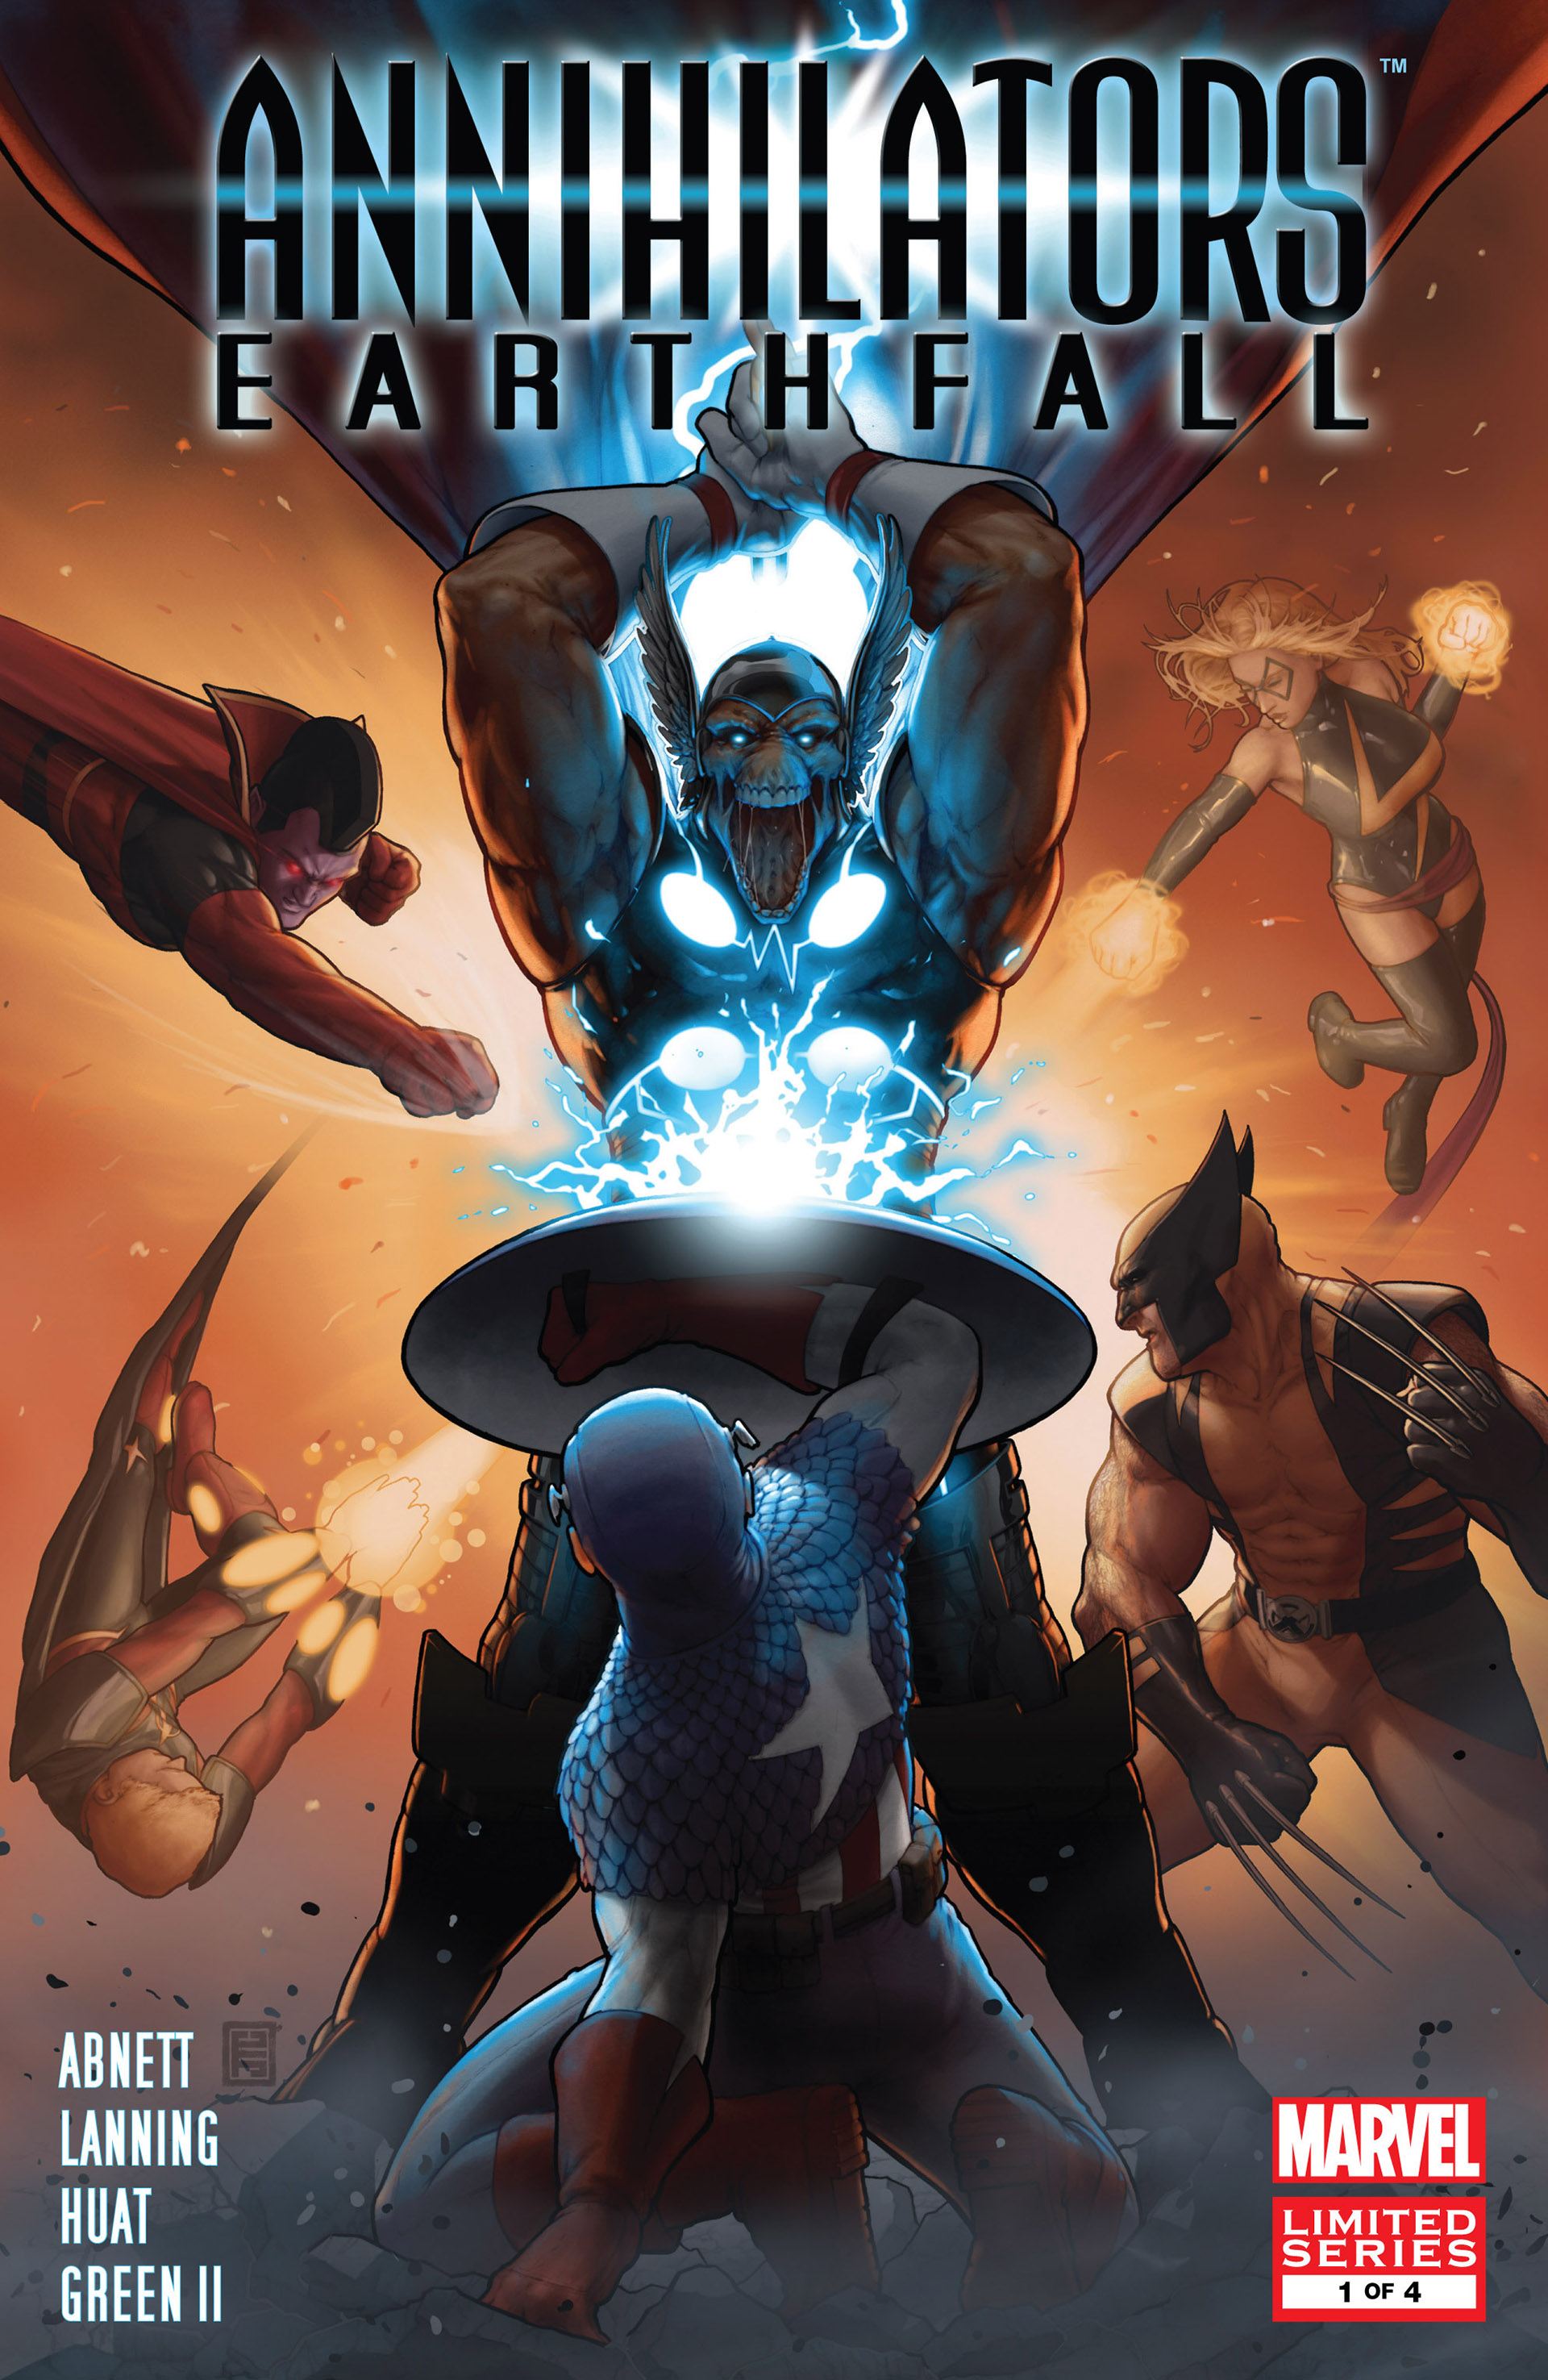 Read online Annihilators: Earthfall comic -  Issue #1 - 1